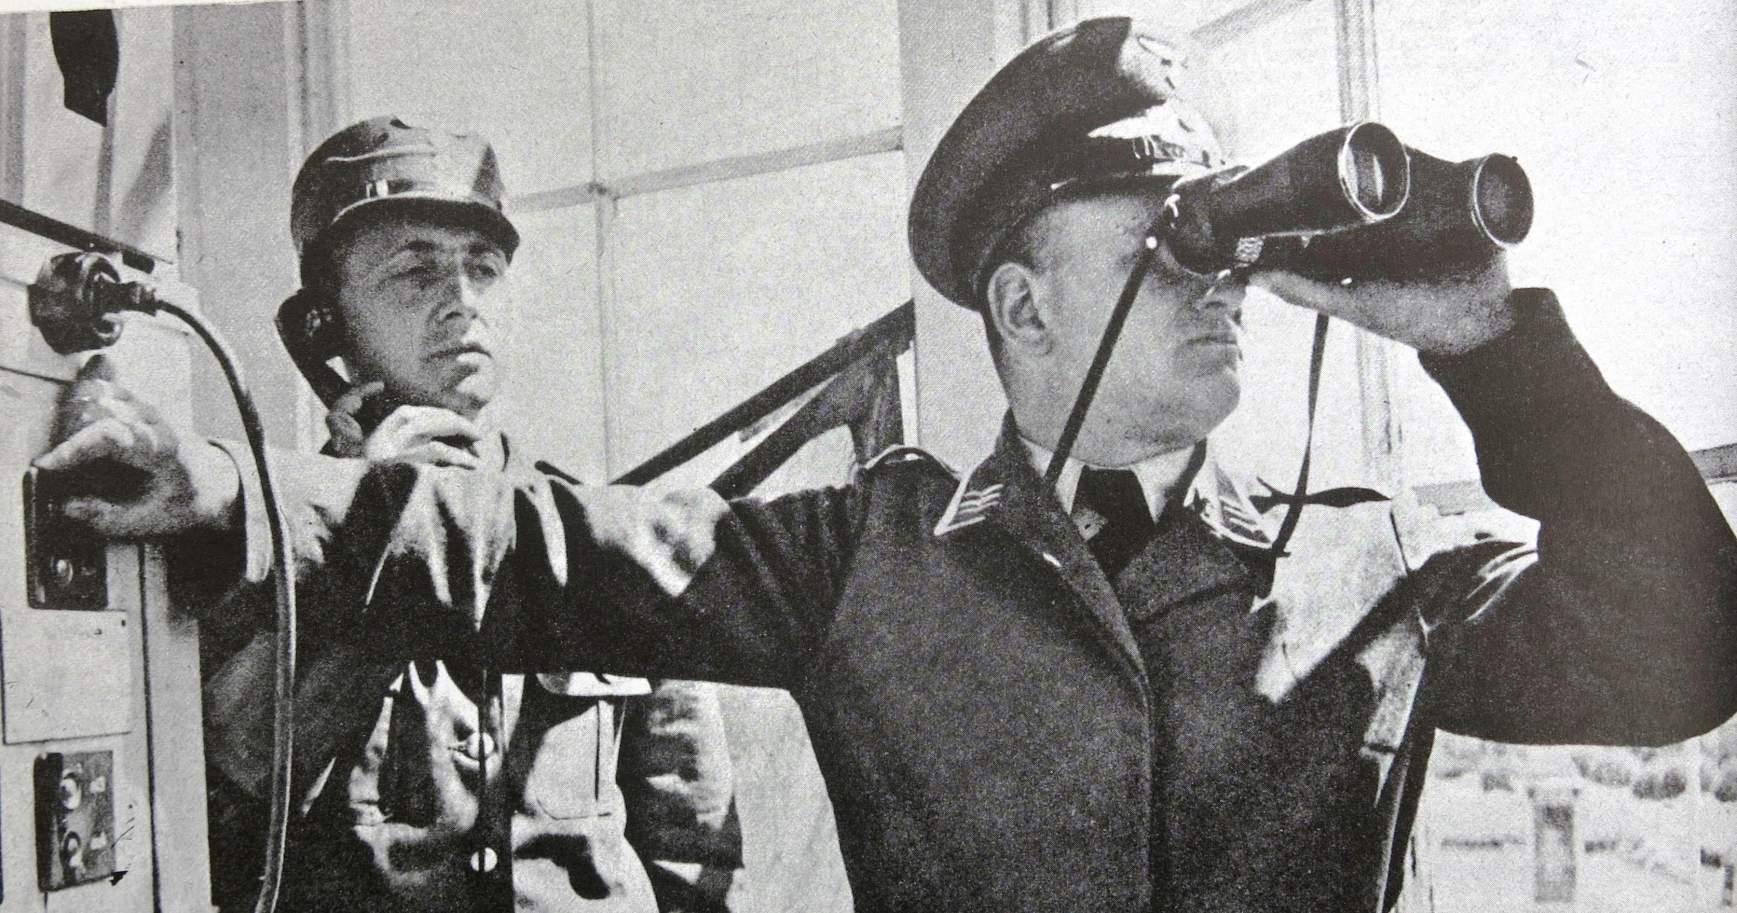 Reichluftausichtdienst Der Luftwaffe Page 2